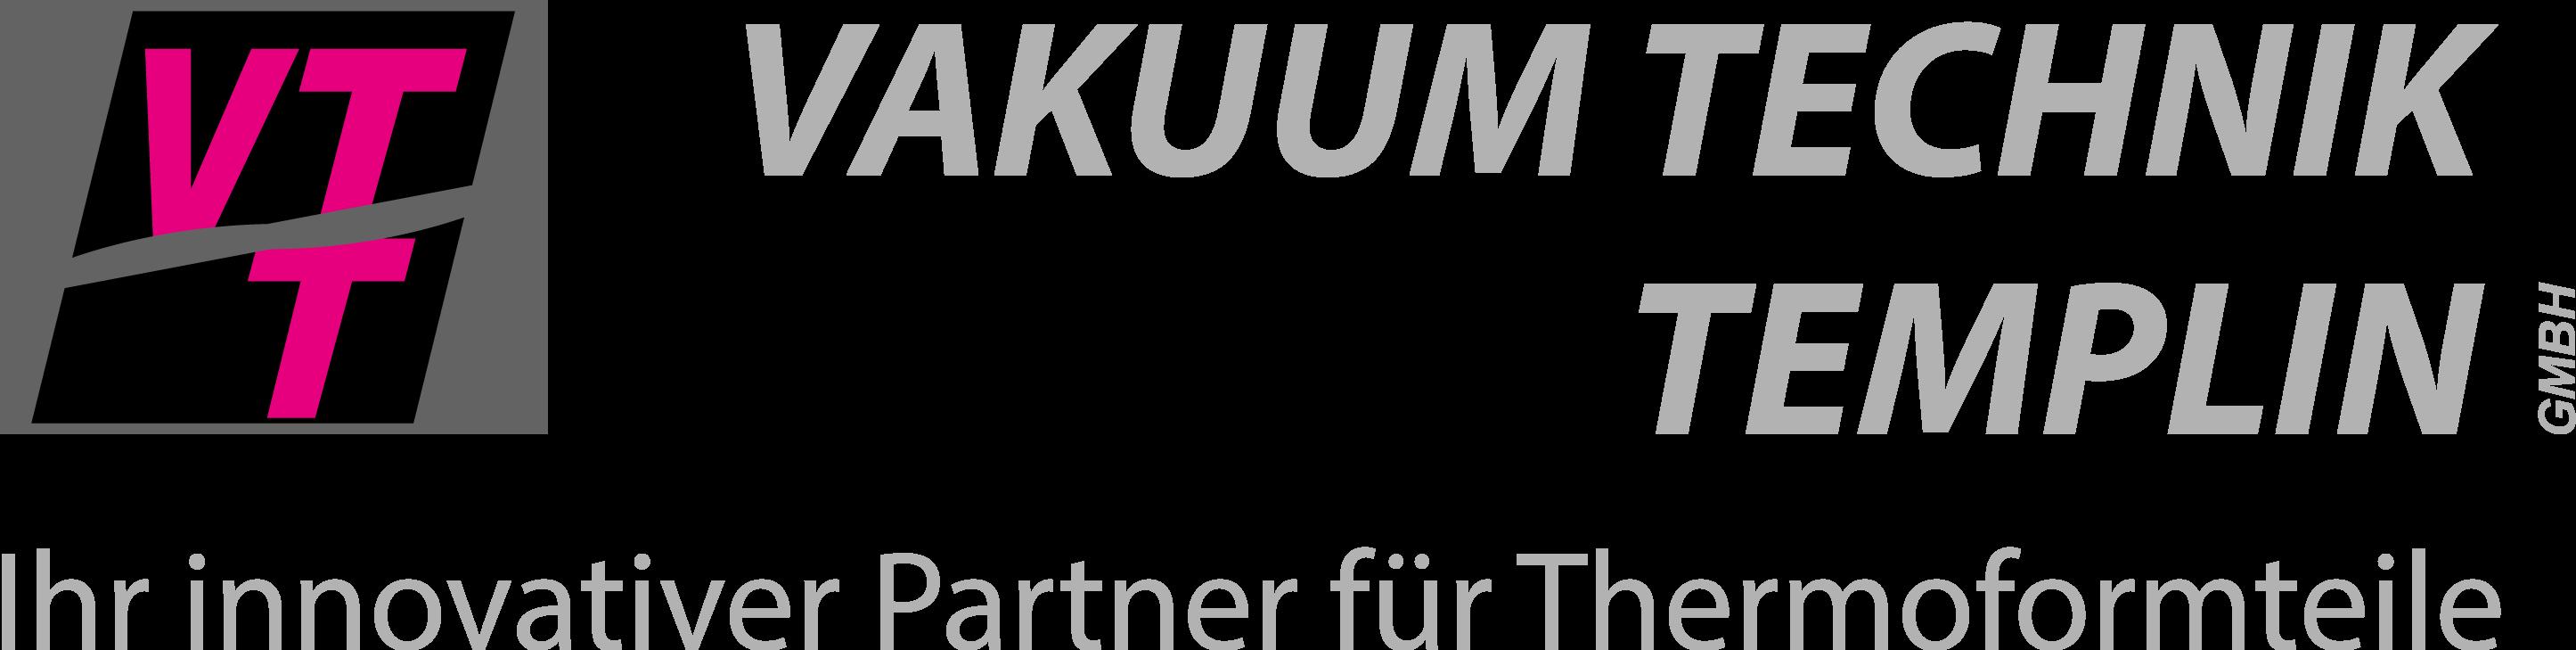 VAKUUM-TECHNIK TEMPLIN GmbH